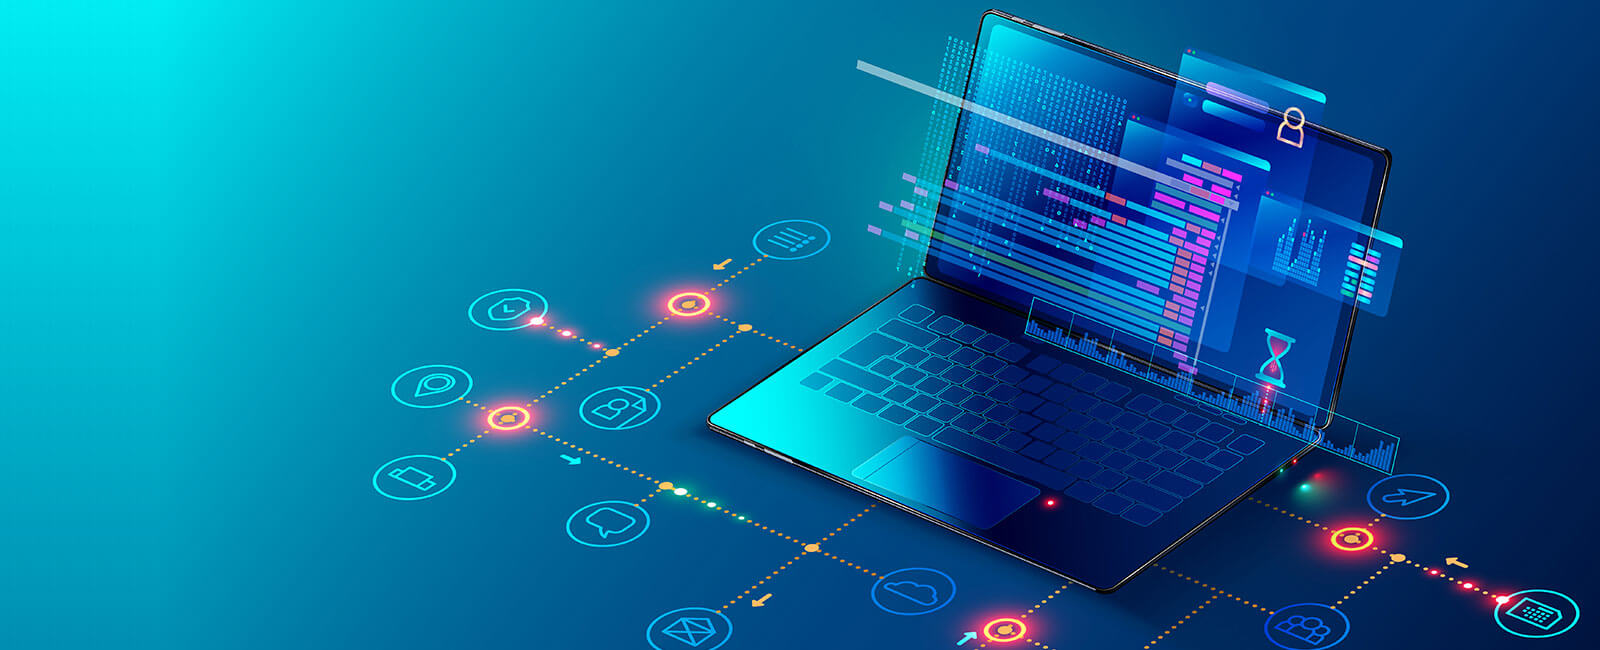 تکنیکهای جدید نرمافزارهای مخرب در رویارویی با سیستمهای تحلیل خودکار تهدیدات(ATAS)